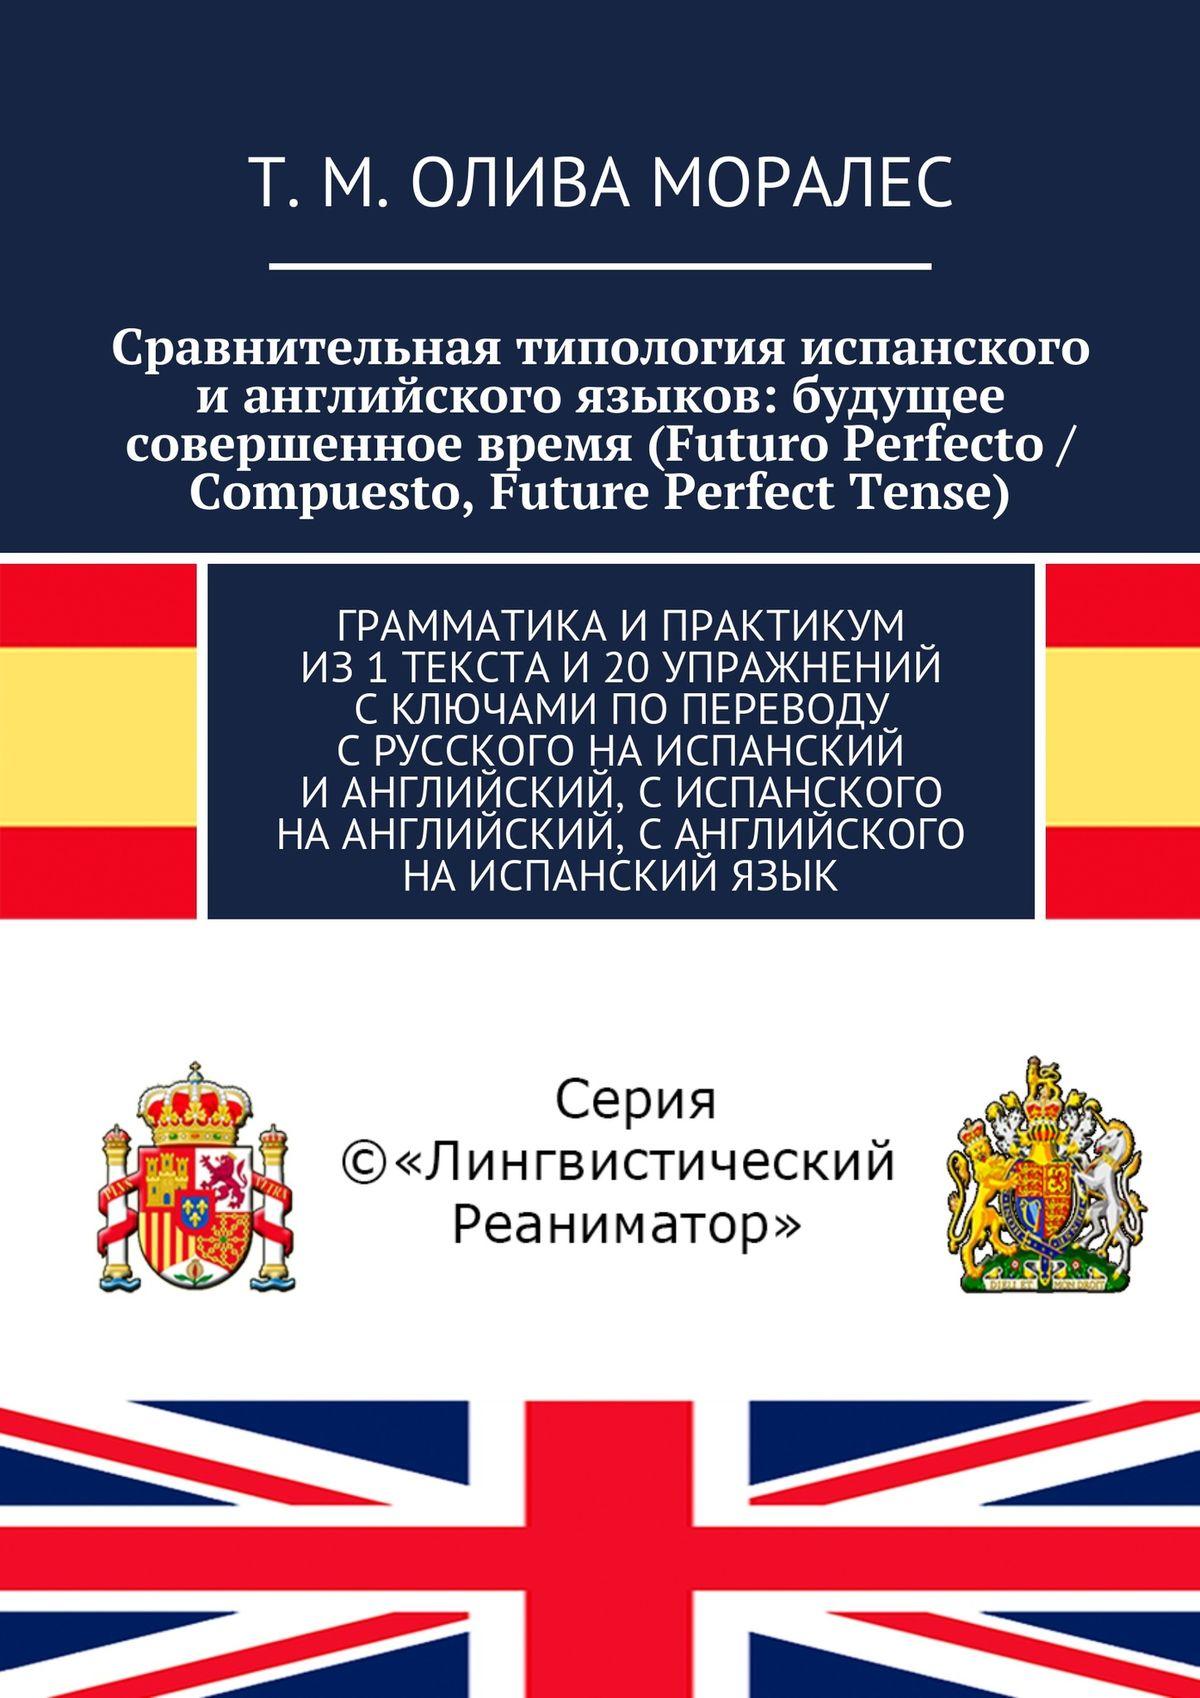 Сравнительная типология испанского ианглийского языков: будущее совершенное время (Futuro Perfecto / Compuesto, Future Perfect Tense). Грамматика ипрактикум из1текста и20упражнений сключами попереводу срусского наиспанский ианглийский, сиспанского наанглийский, санглийского наиспанский язык